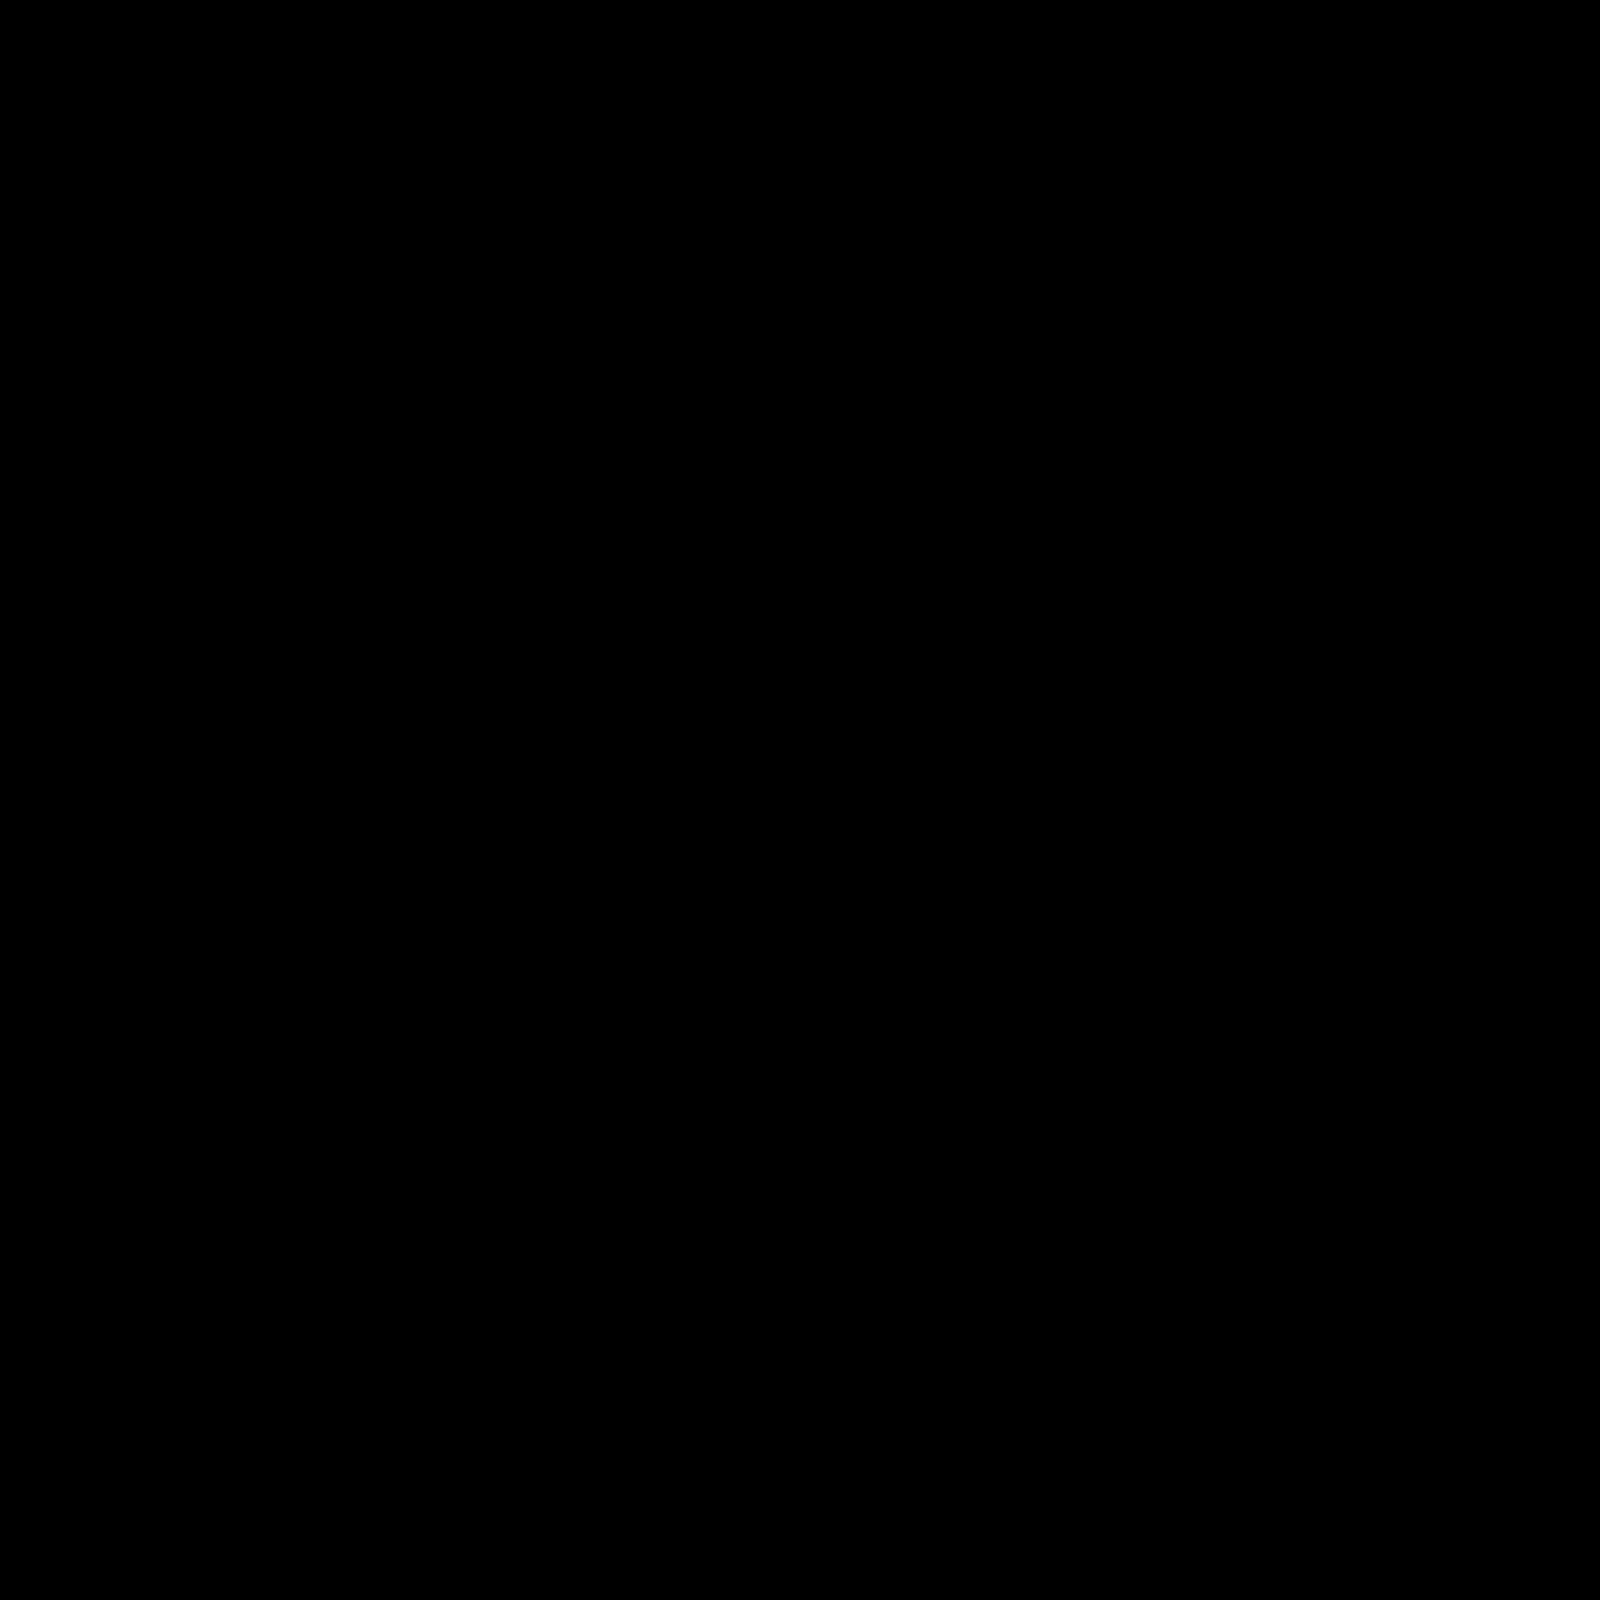 Mann icon